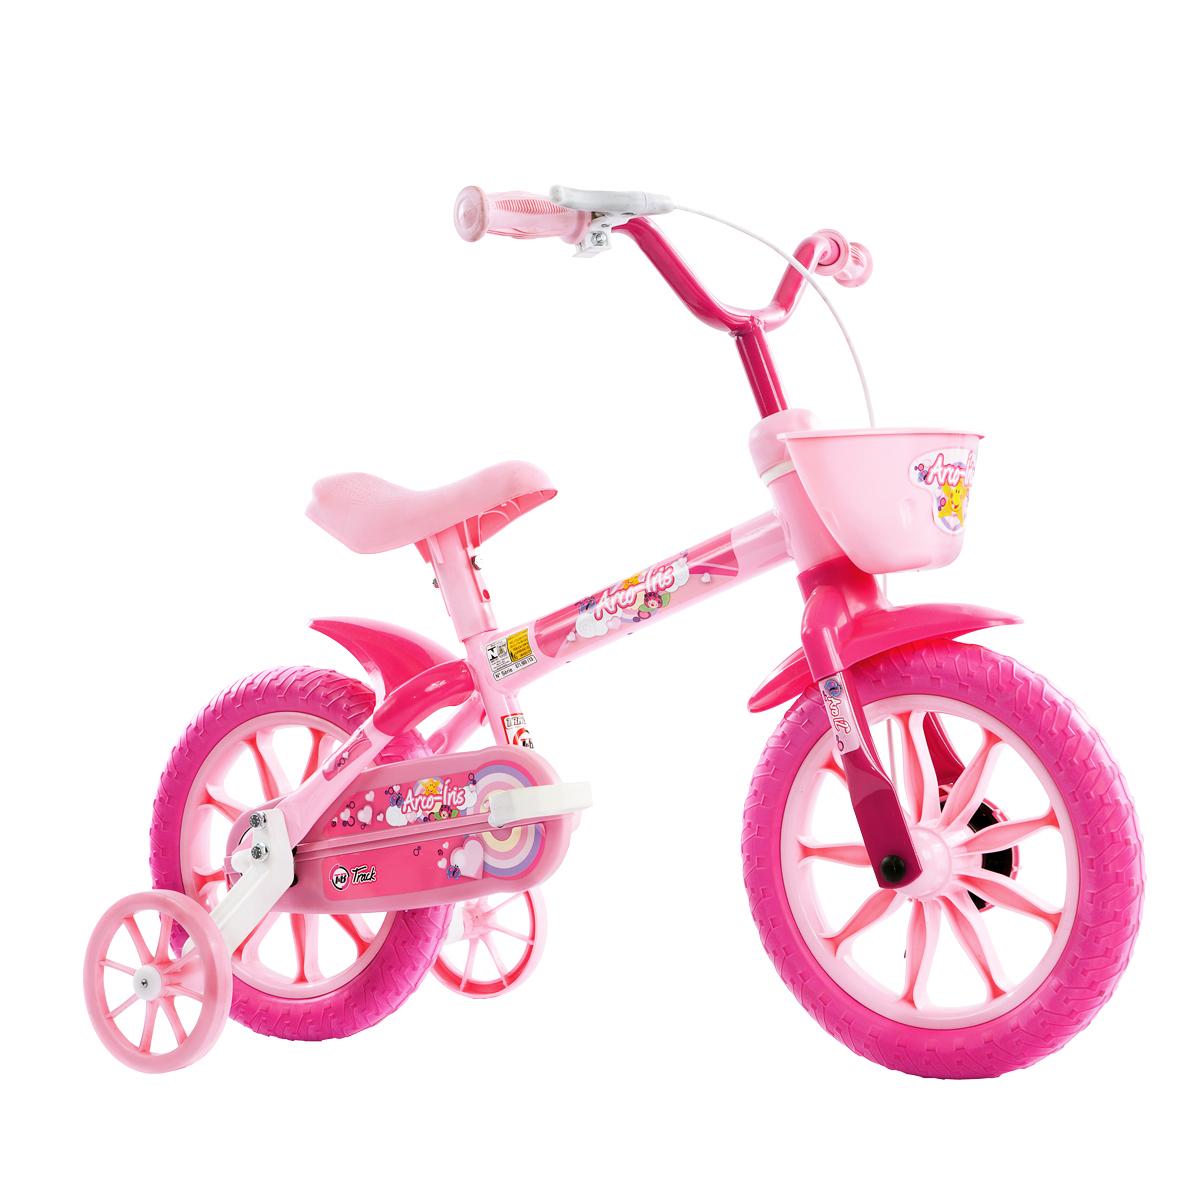 Bicicleta Infantil Track & Bikes Aro 12 Arco Iris Rosa